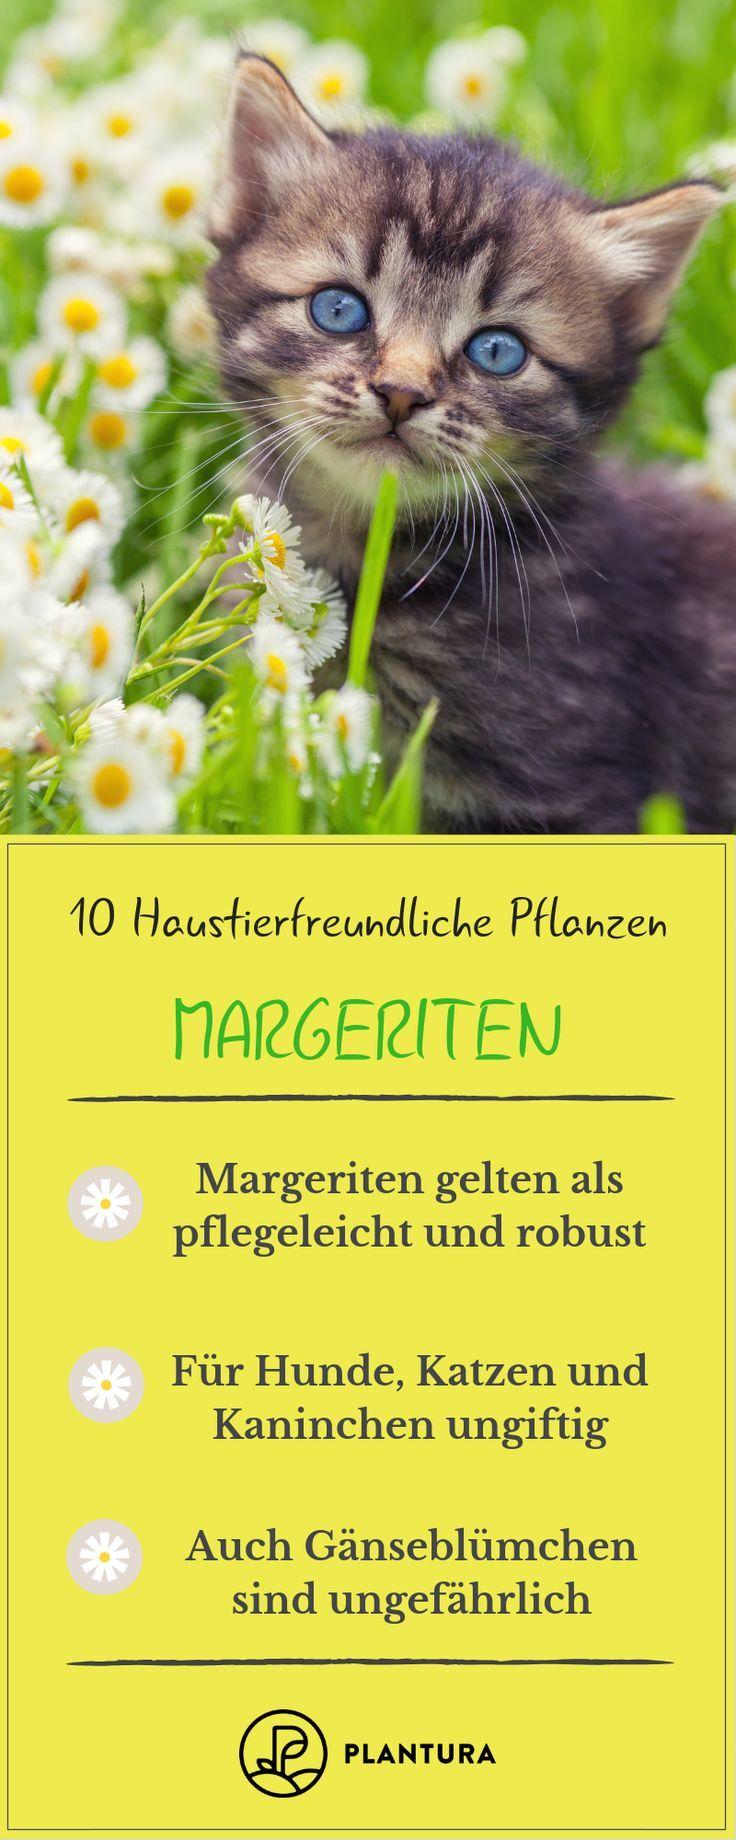 Kaninchen ungiftige pflanzen für Giftige Pflanzen